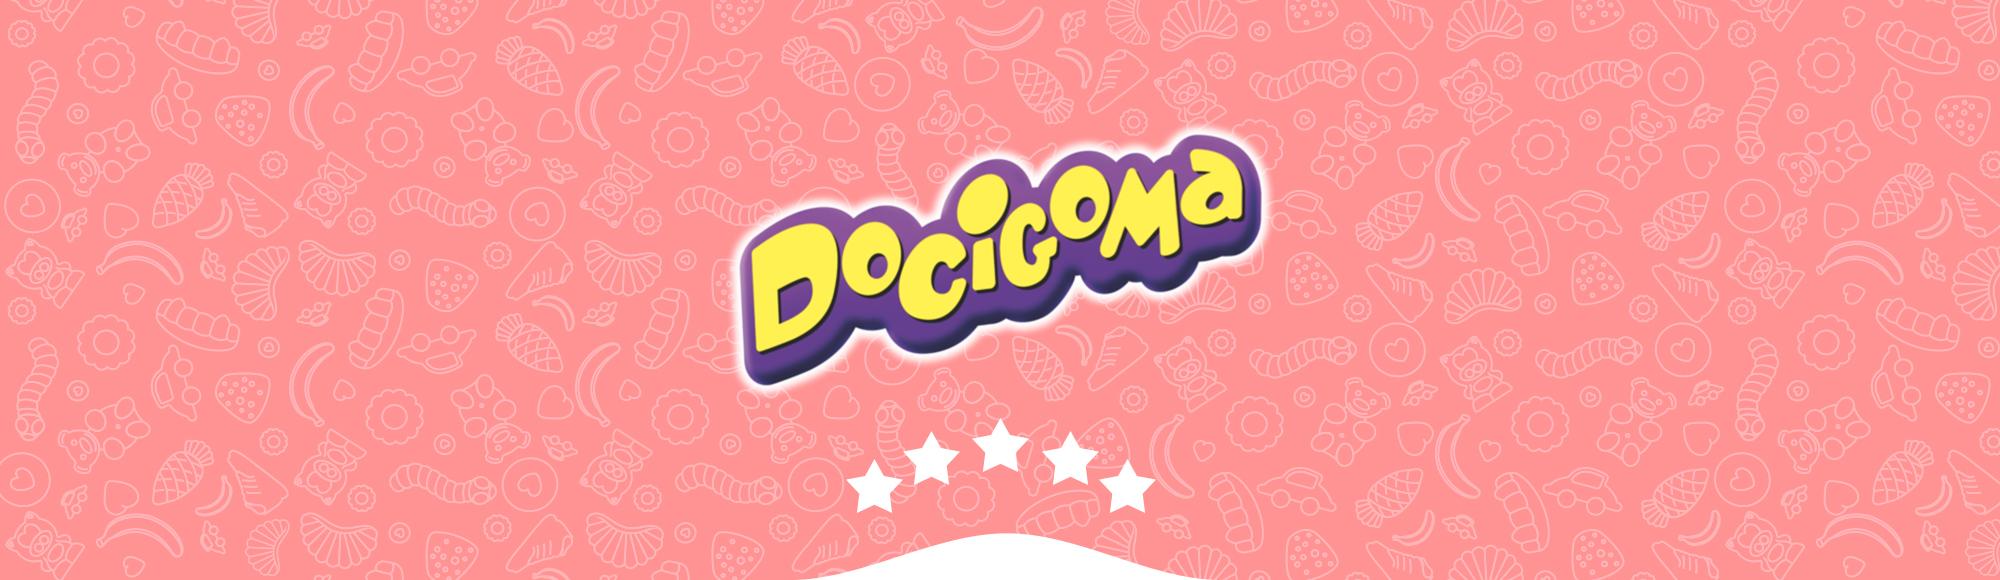 Banner Docigoma